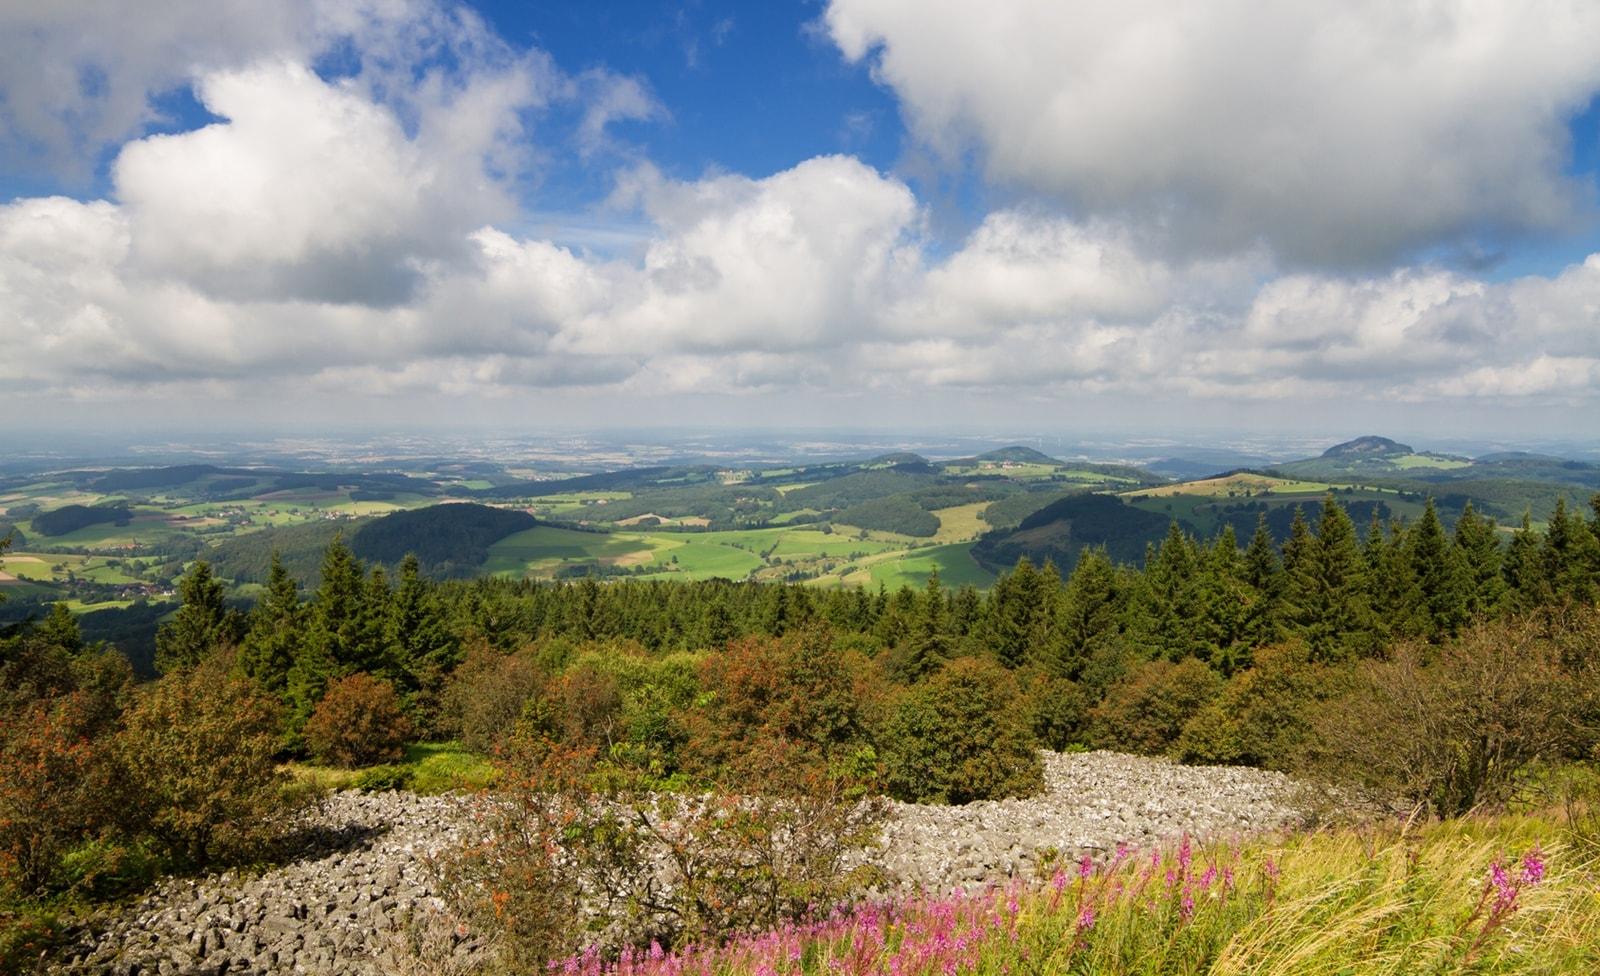 Blick auf die Landschaft der Rhön